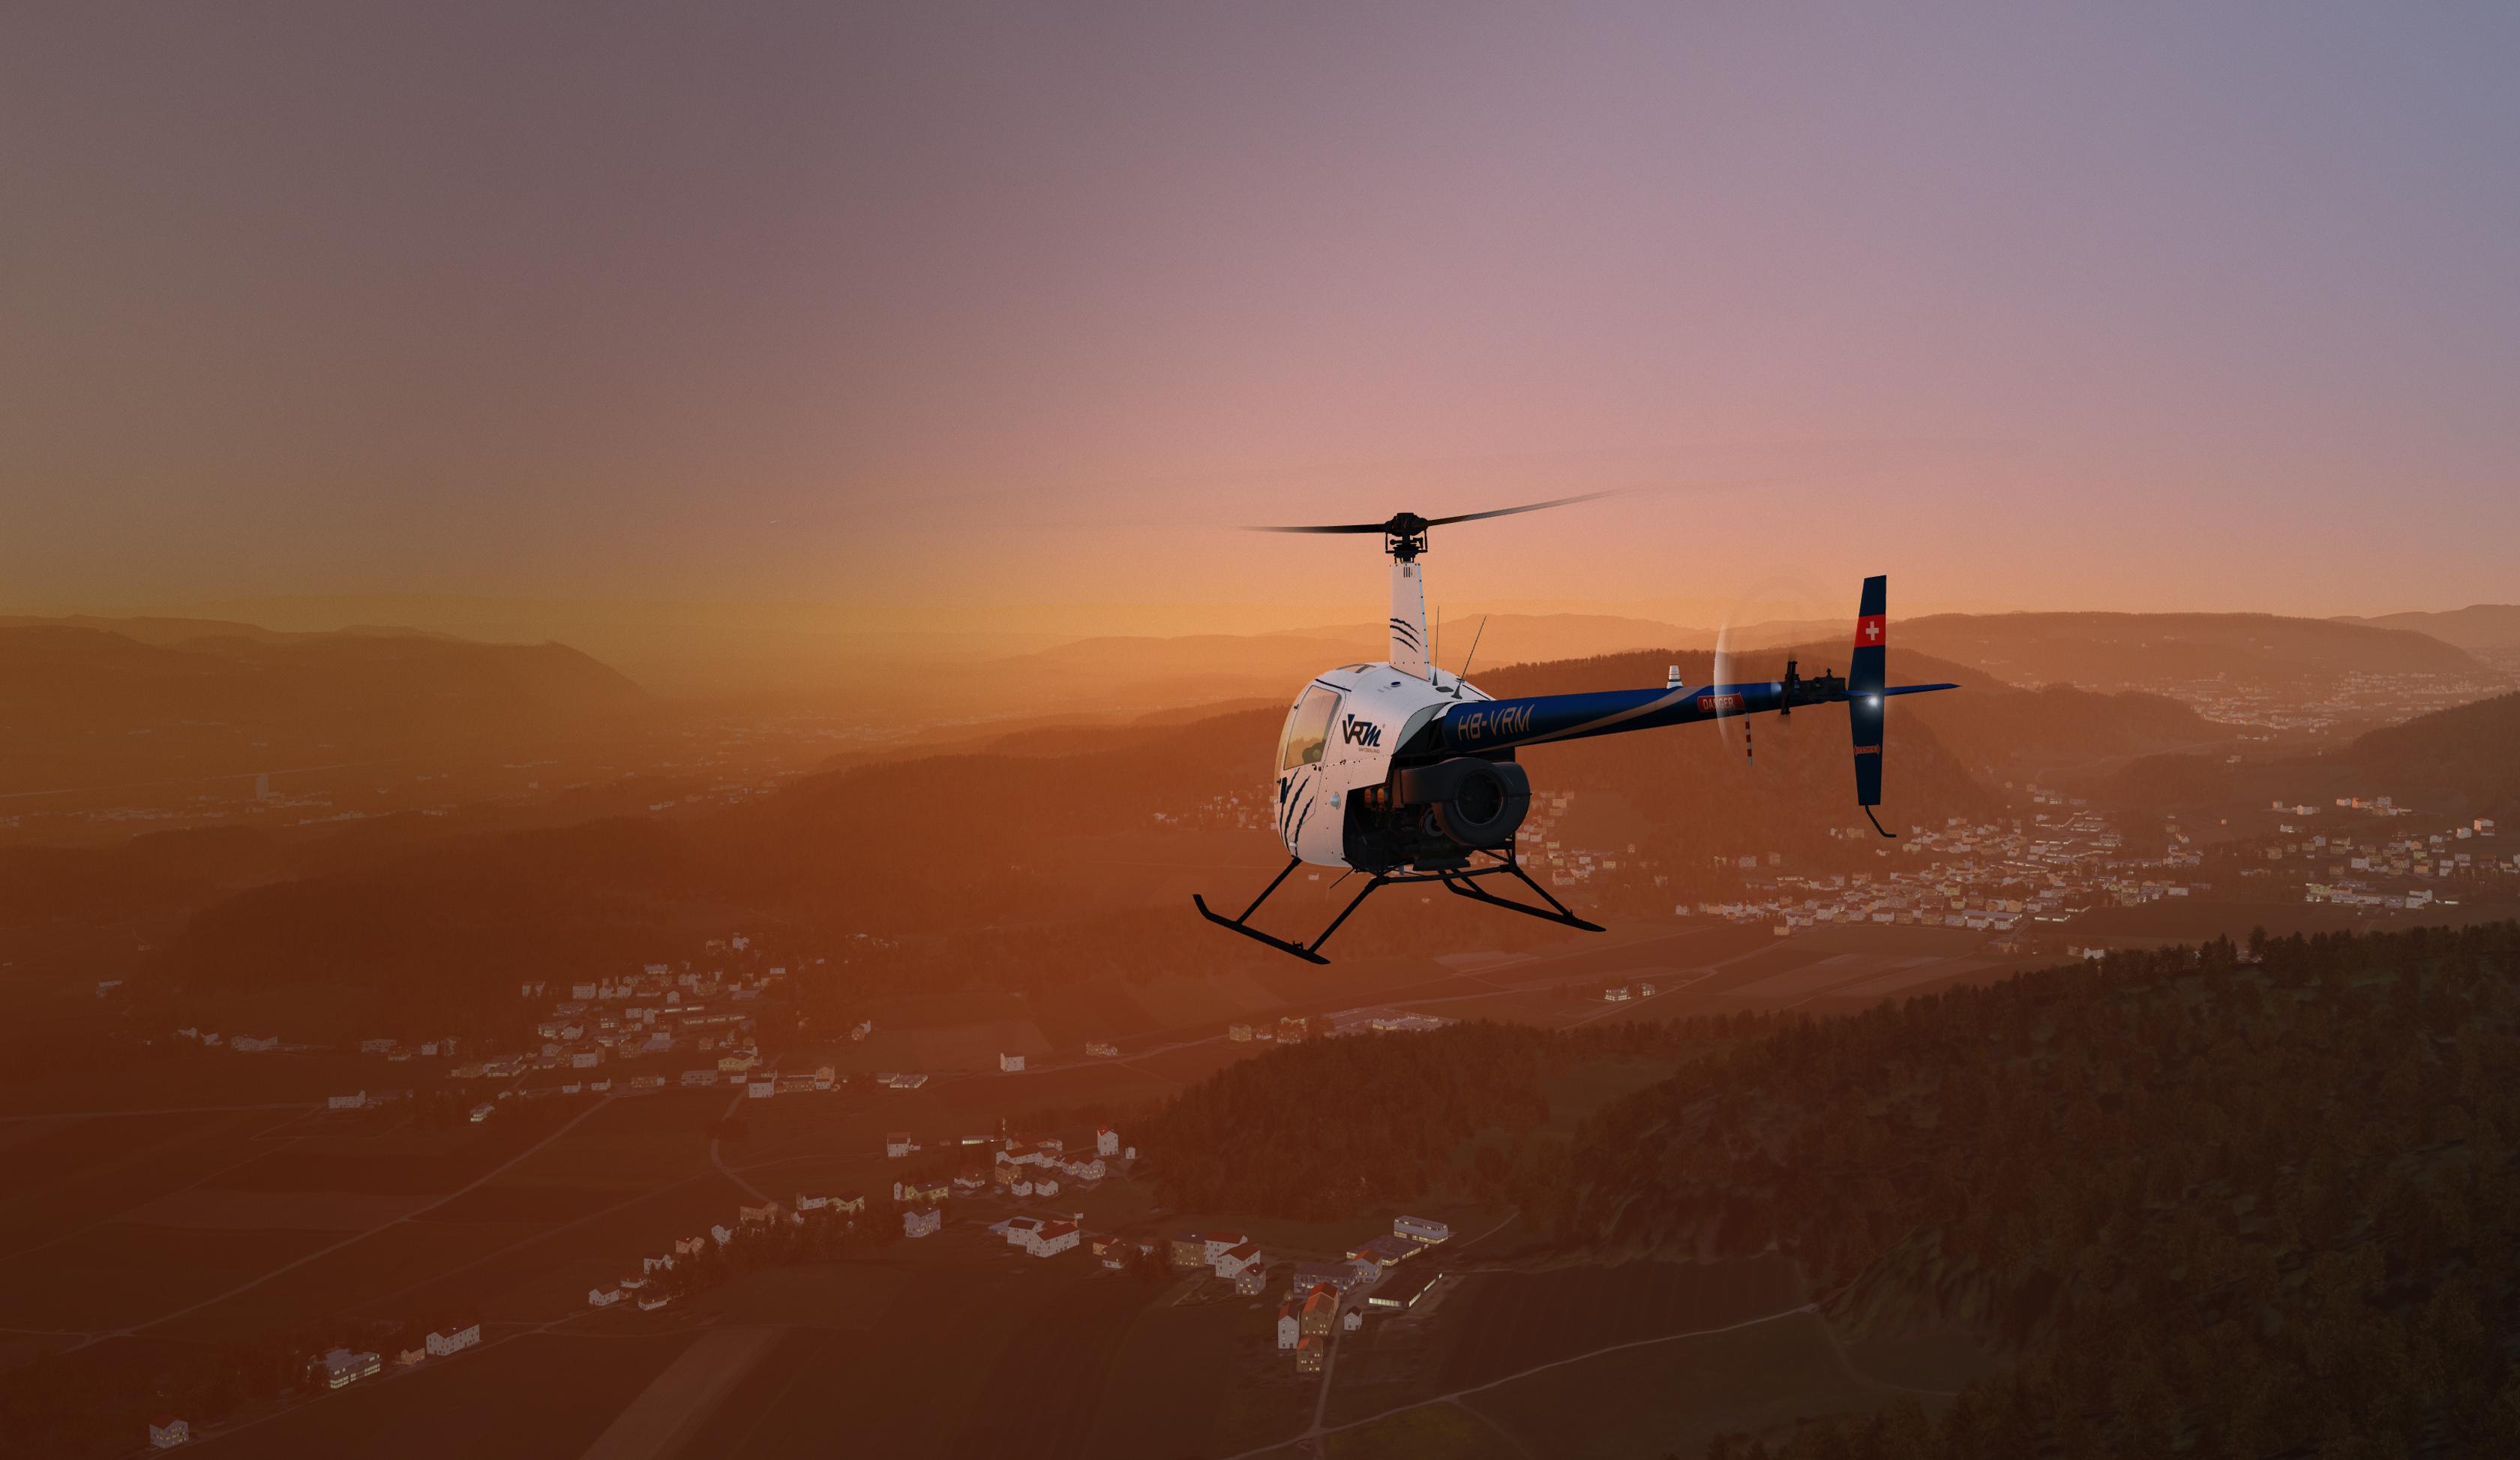 flight simulation in VR – Varjo and VRM Switzerland